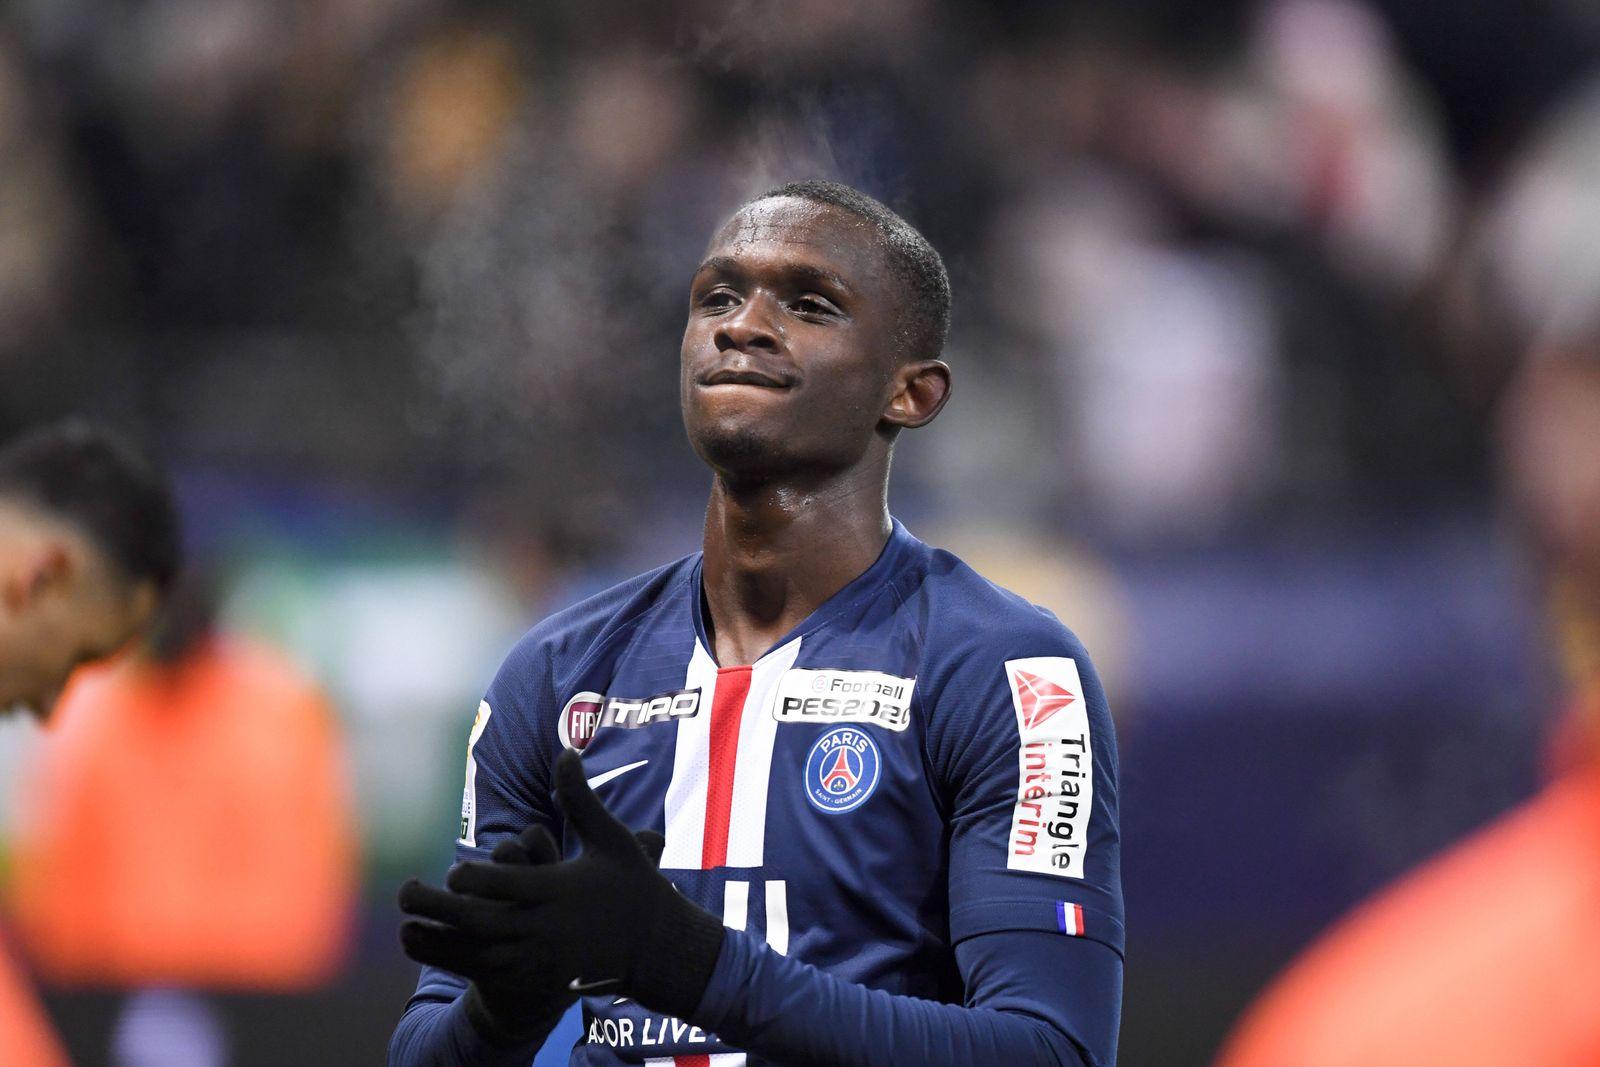 JOIE - FAIR PLAY - 33 TANGUY KOUASSI (PSG) FOOTBALL : Reims vs Paris SG - Coupe de la Ligue - 22/01/2020 AnthonyBIBARD/